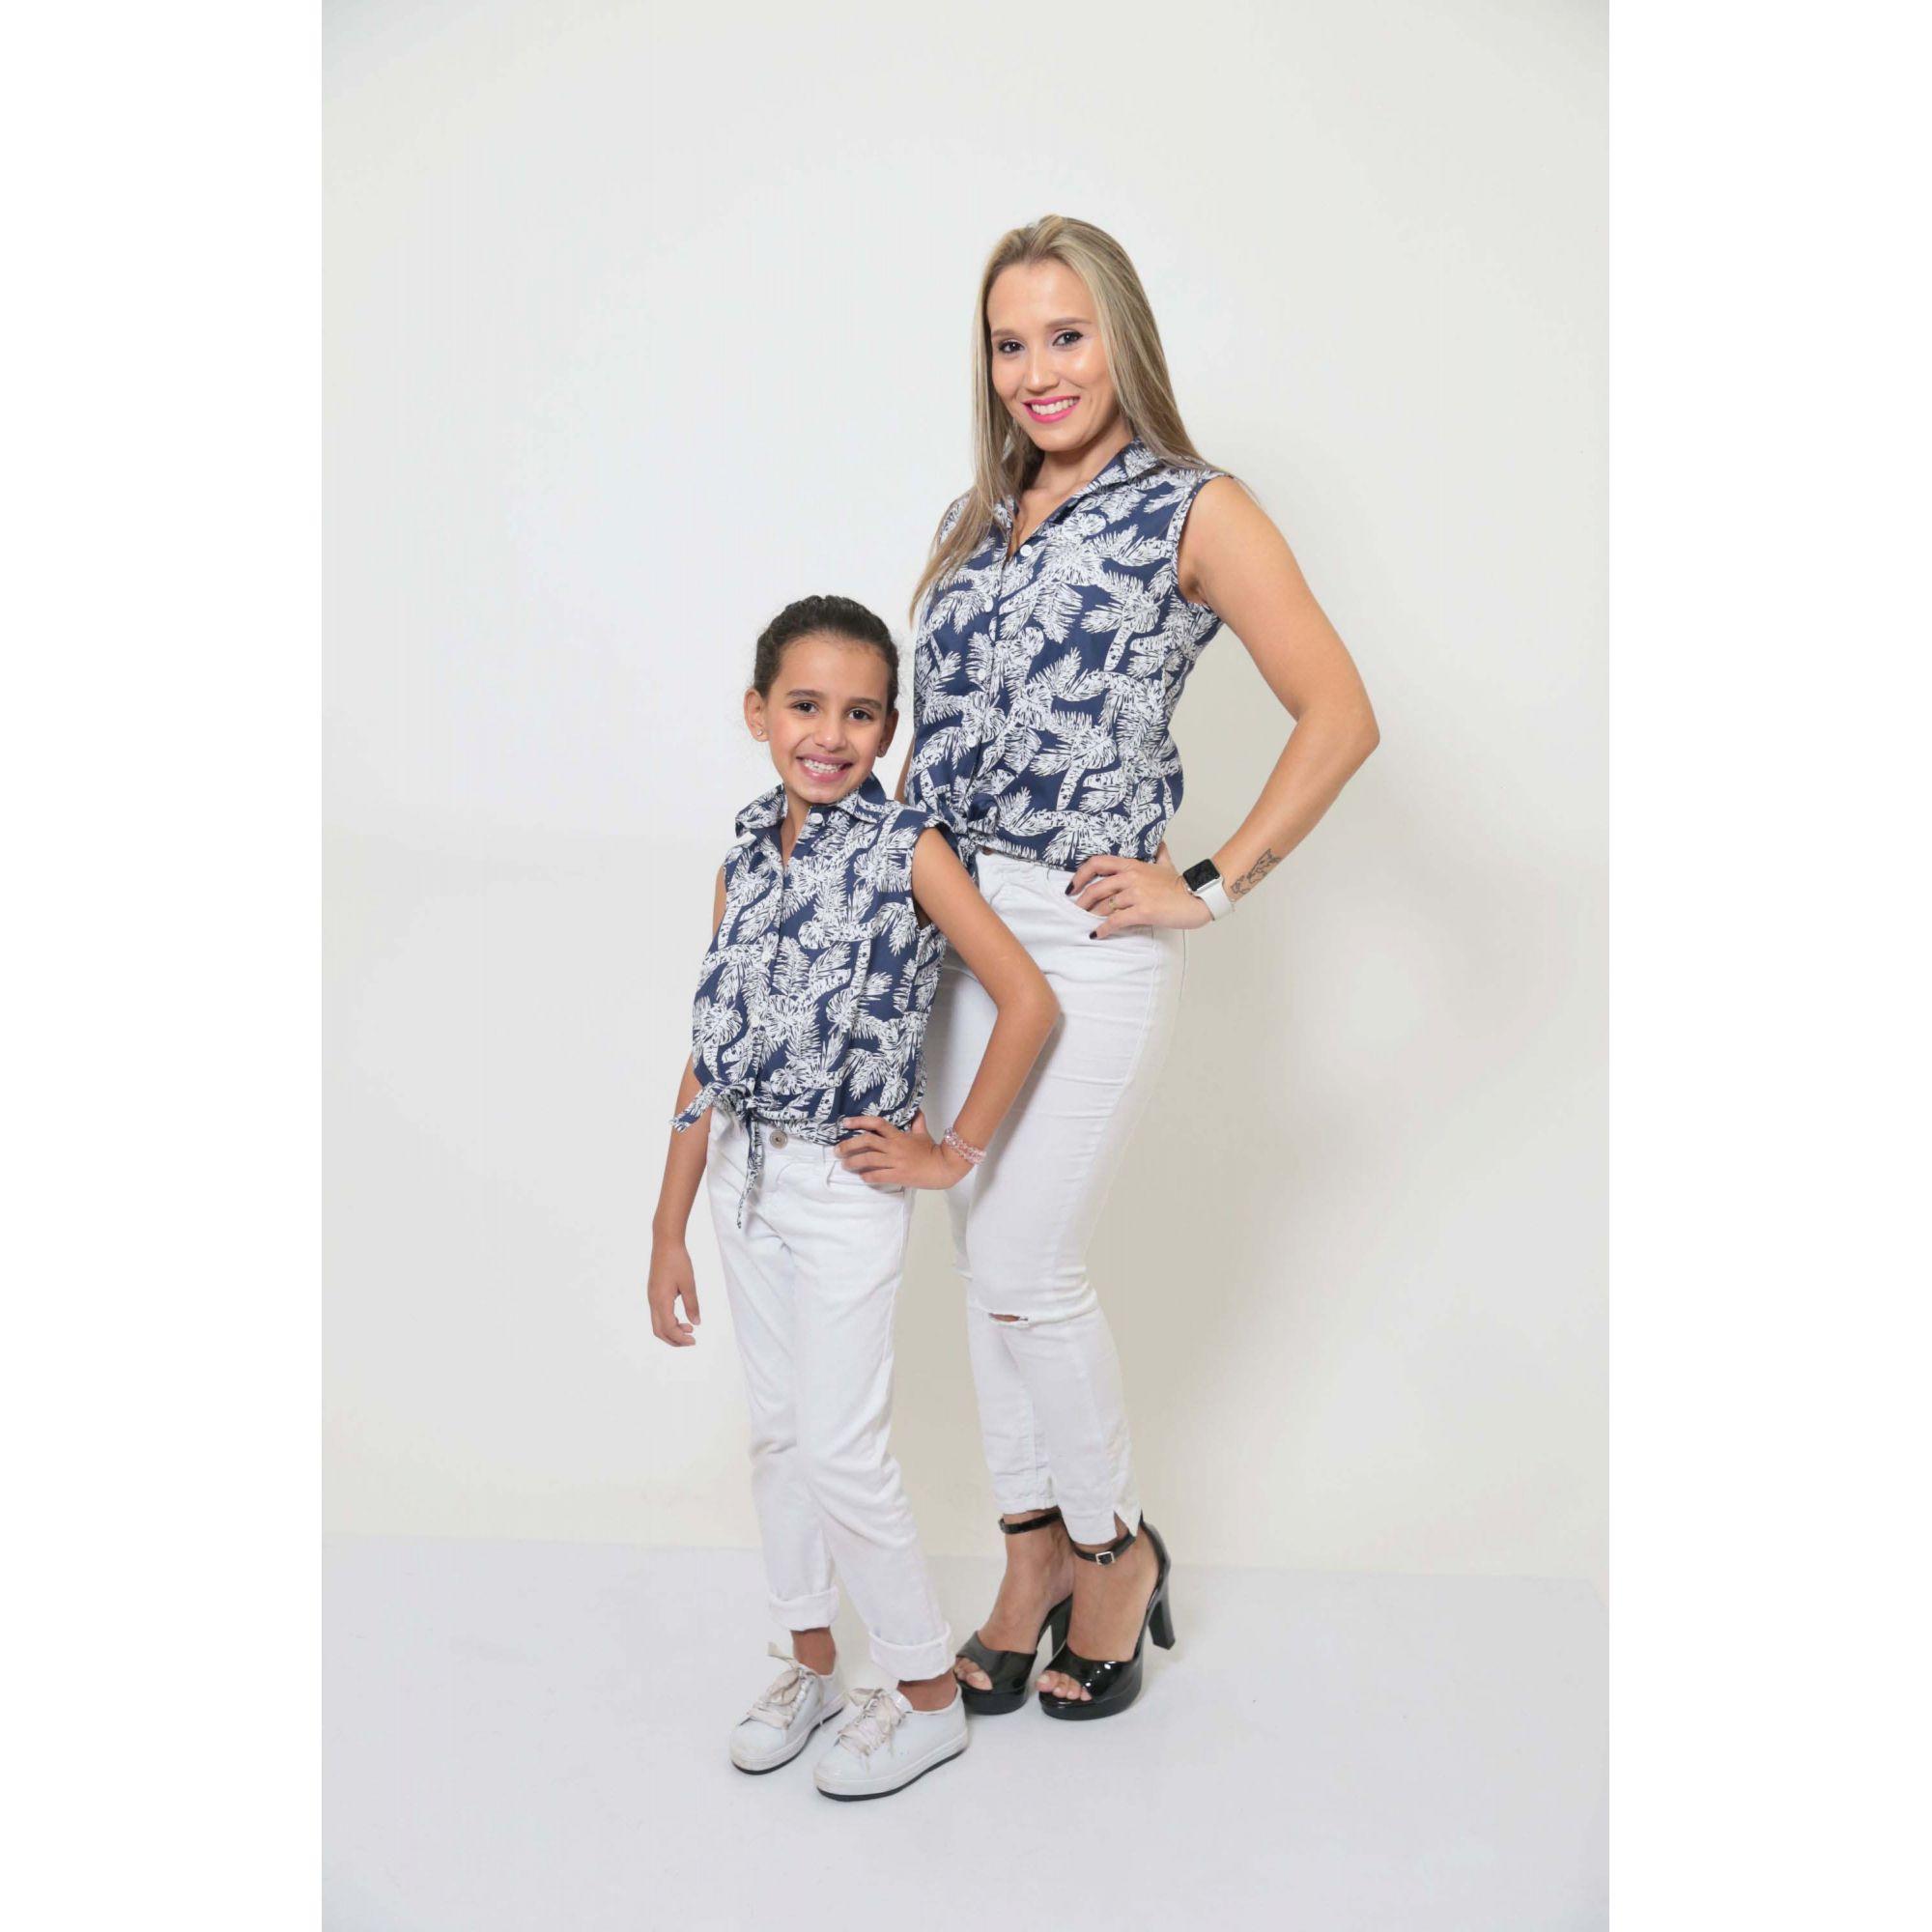 MÃE E FILHA > Kit 02 Camisas Social - Adulto e Infantil Azul Floresta [Coleção Tal Mãe Tal Filha]